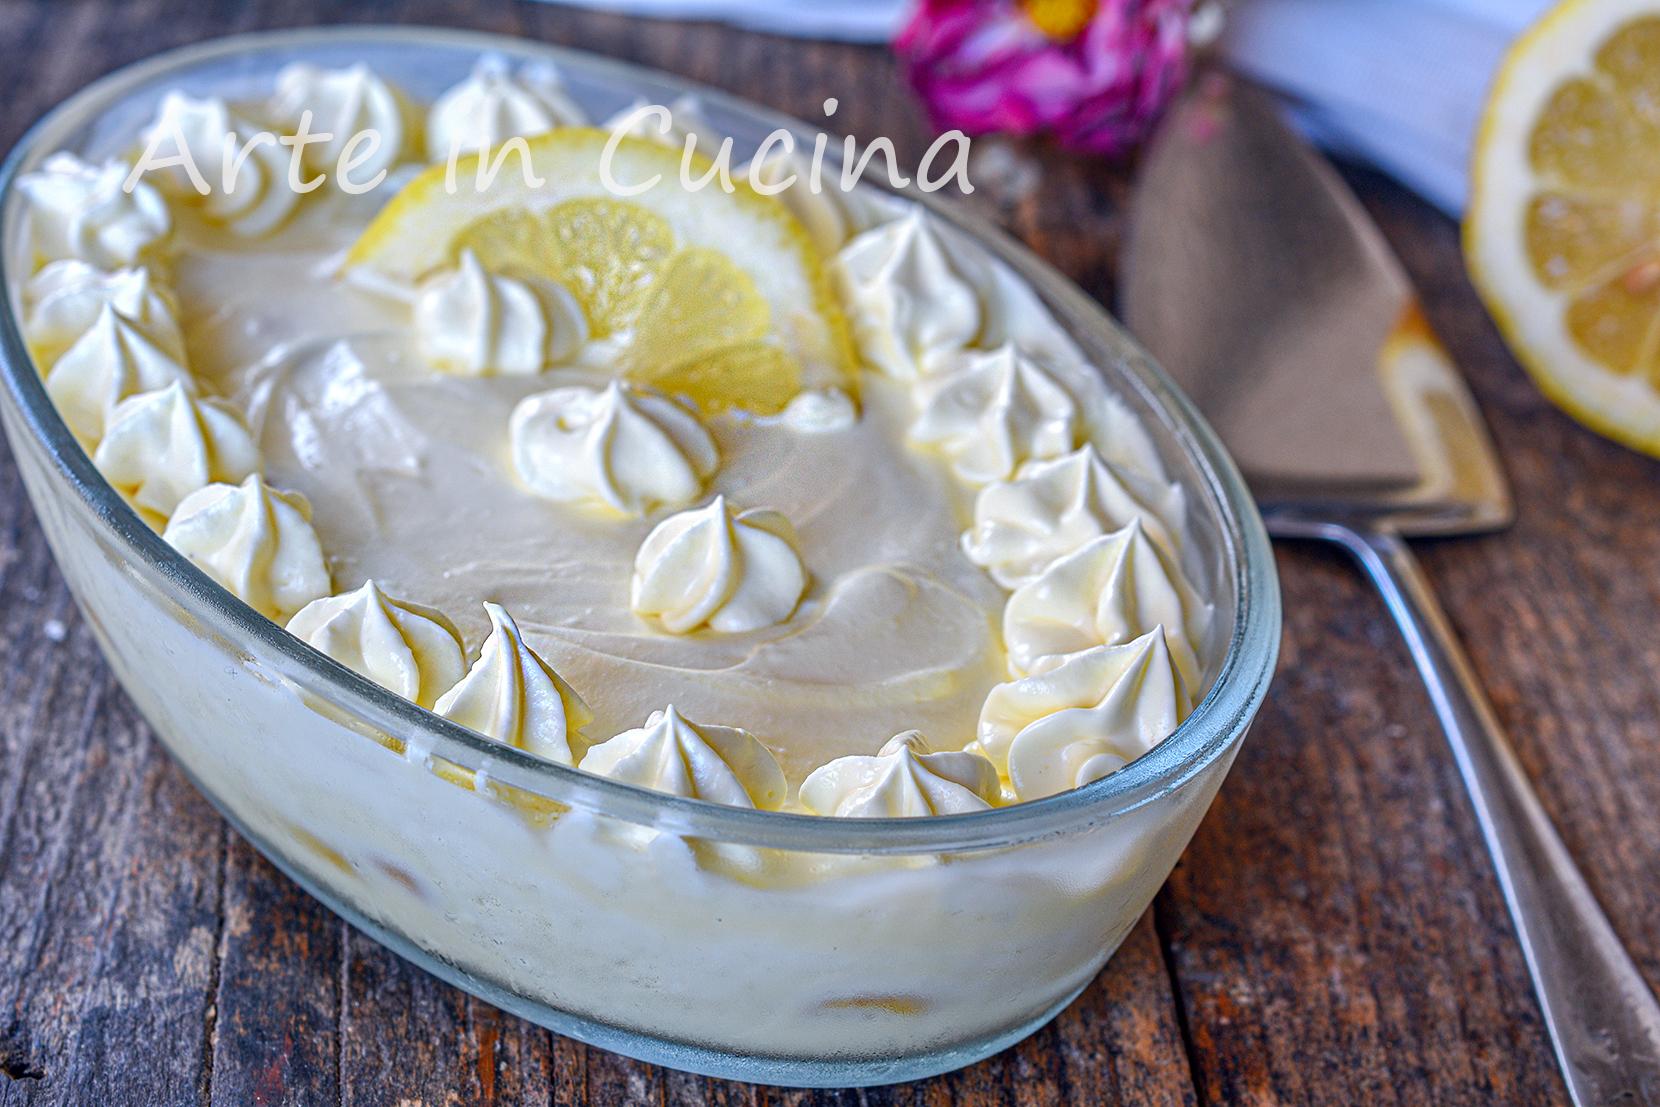 Crema delizia al limone con pavesini